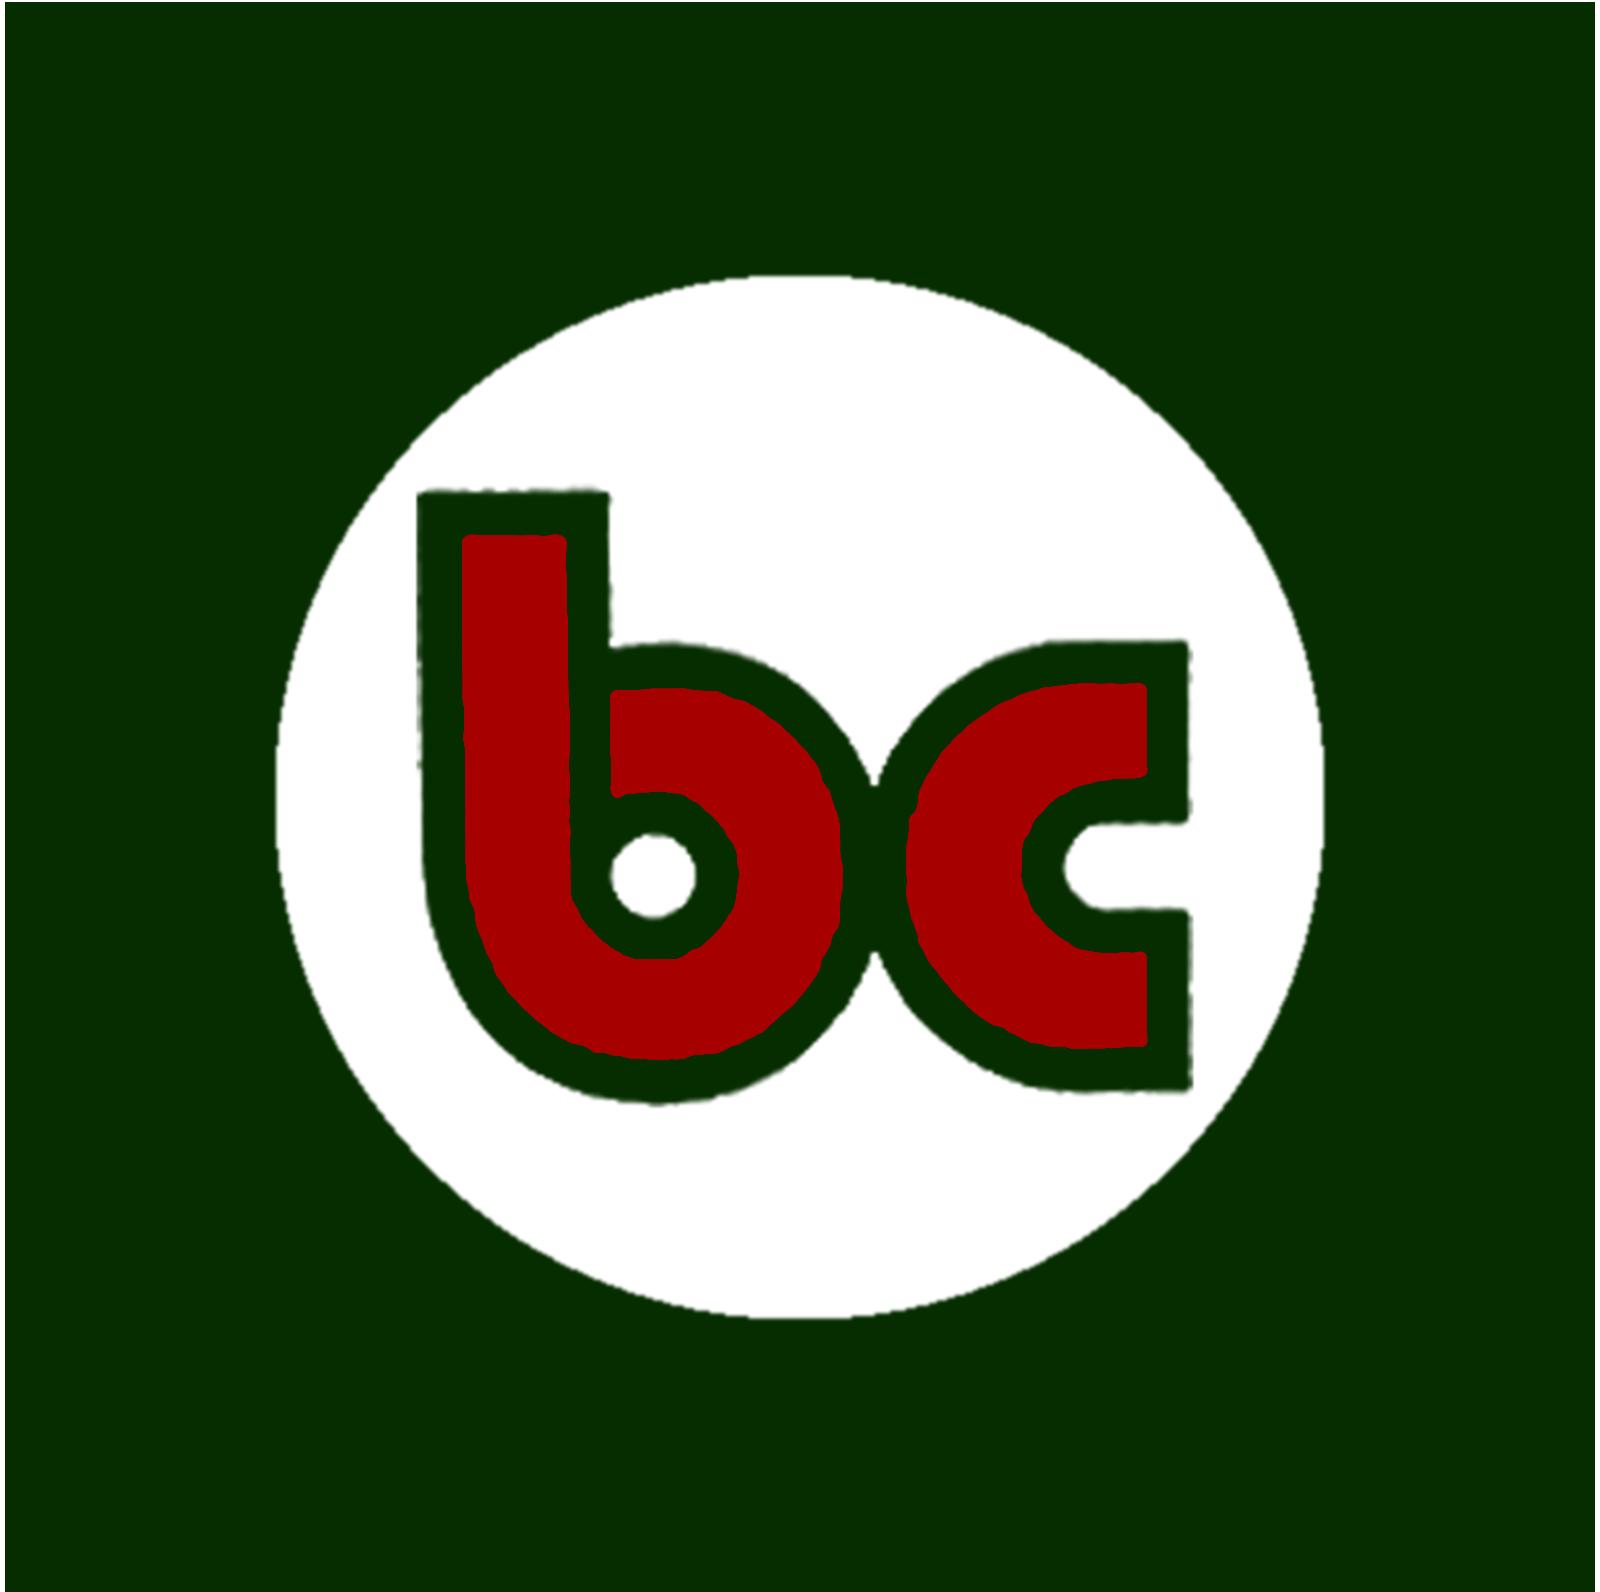 Logo circolare di bc Proposte Immobiliari, agenzia immobiliare di Ostia Lido, Roma